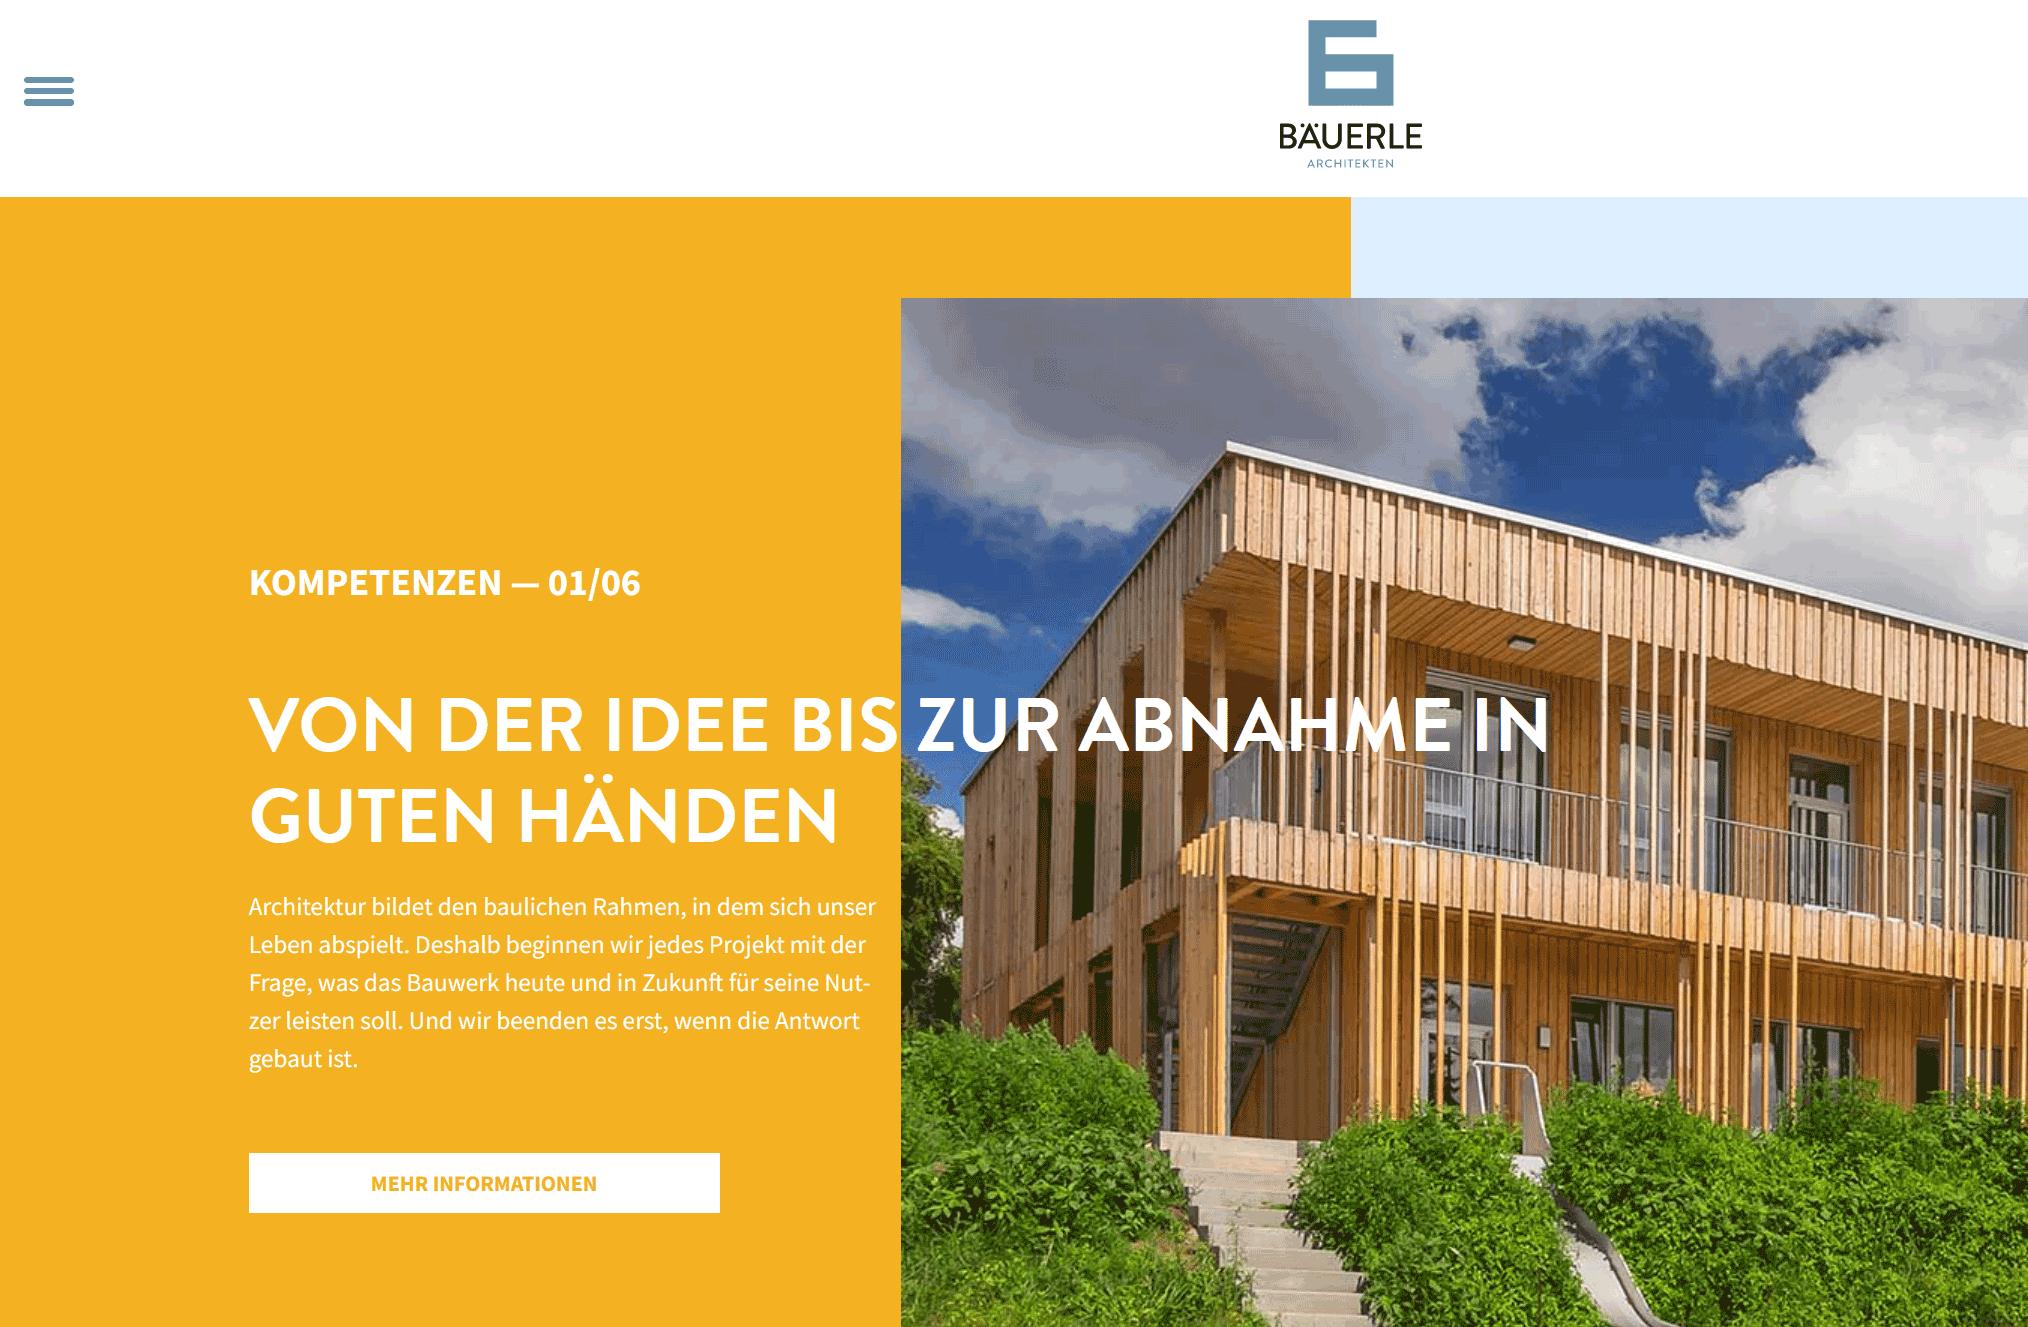 Texte für ein Architekturgebäude – Screenshot der Website